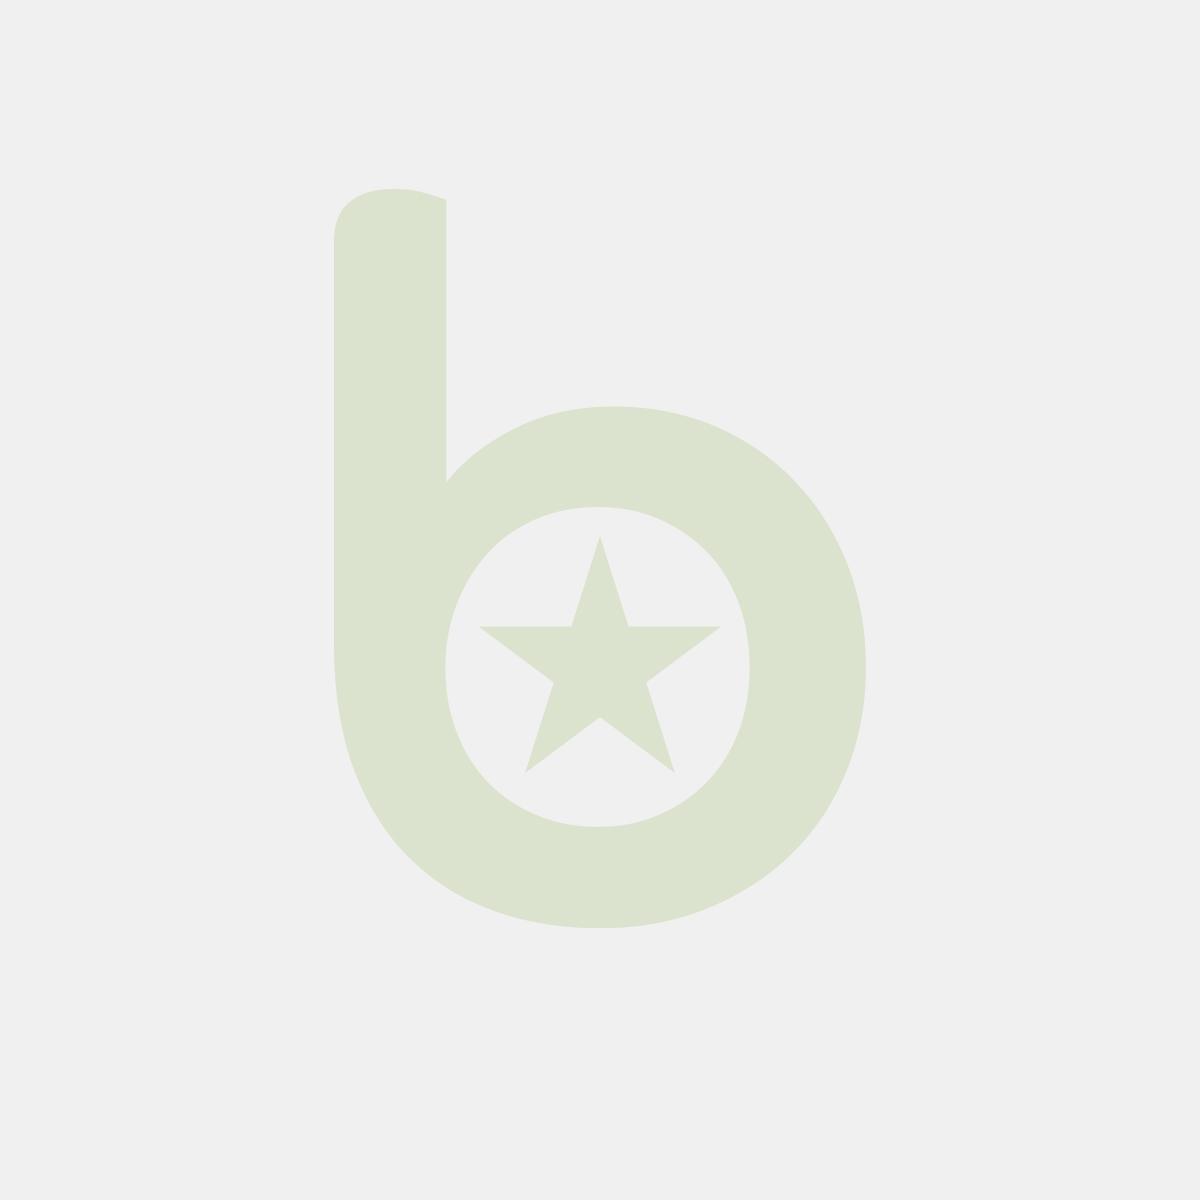 Otwieracz Barmański Pulltap